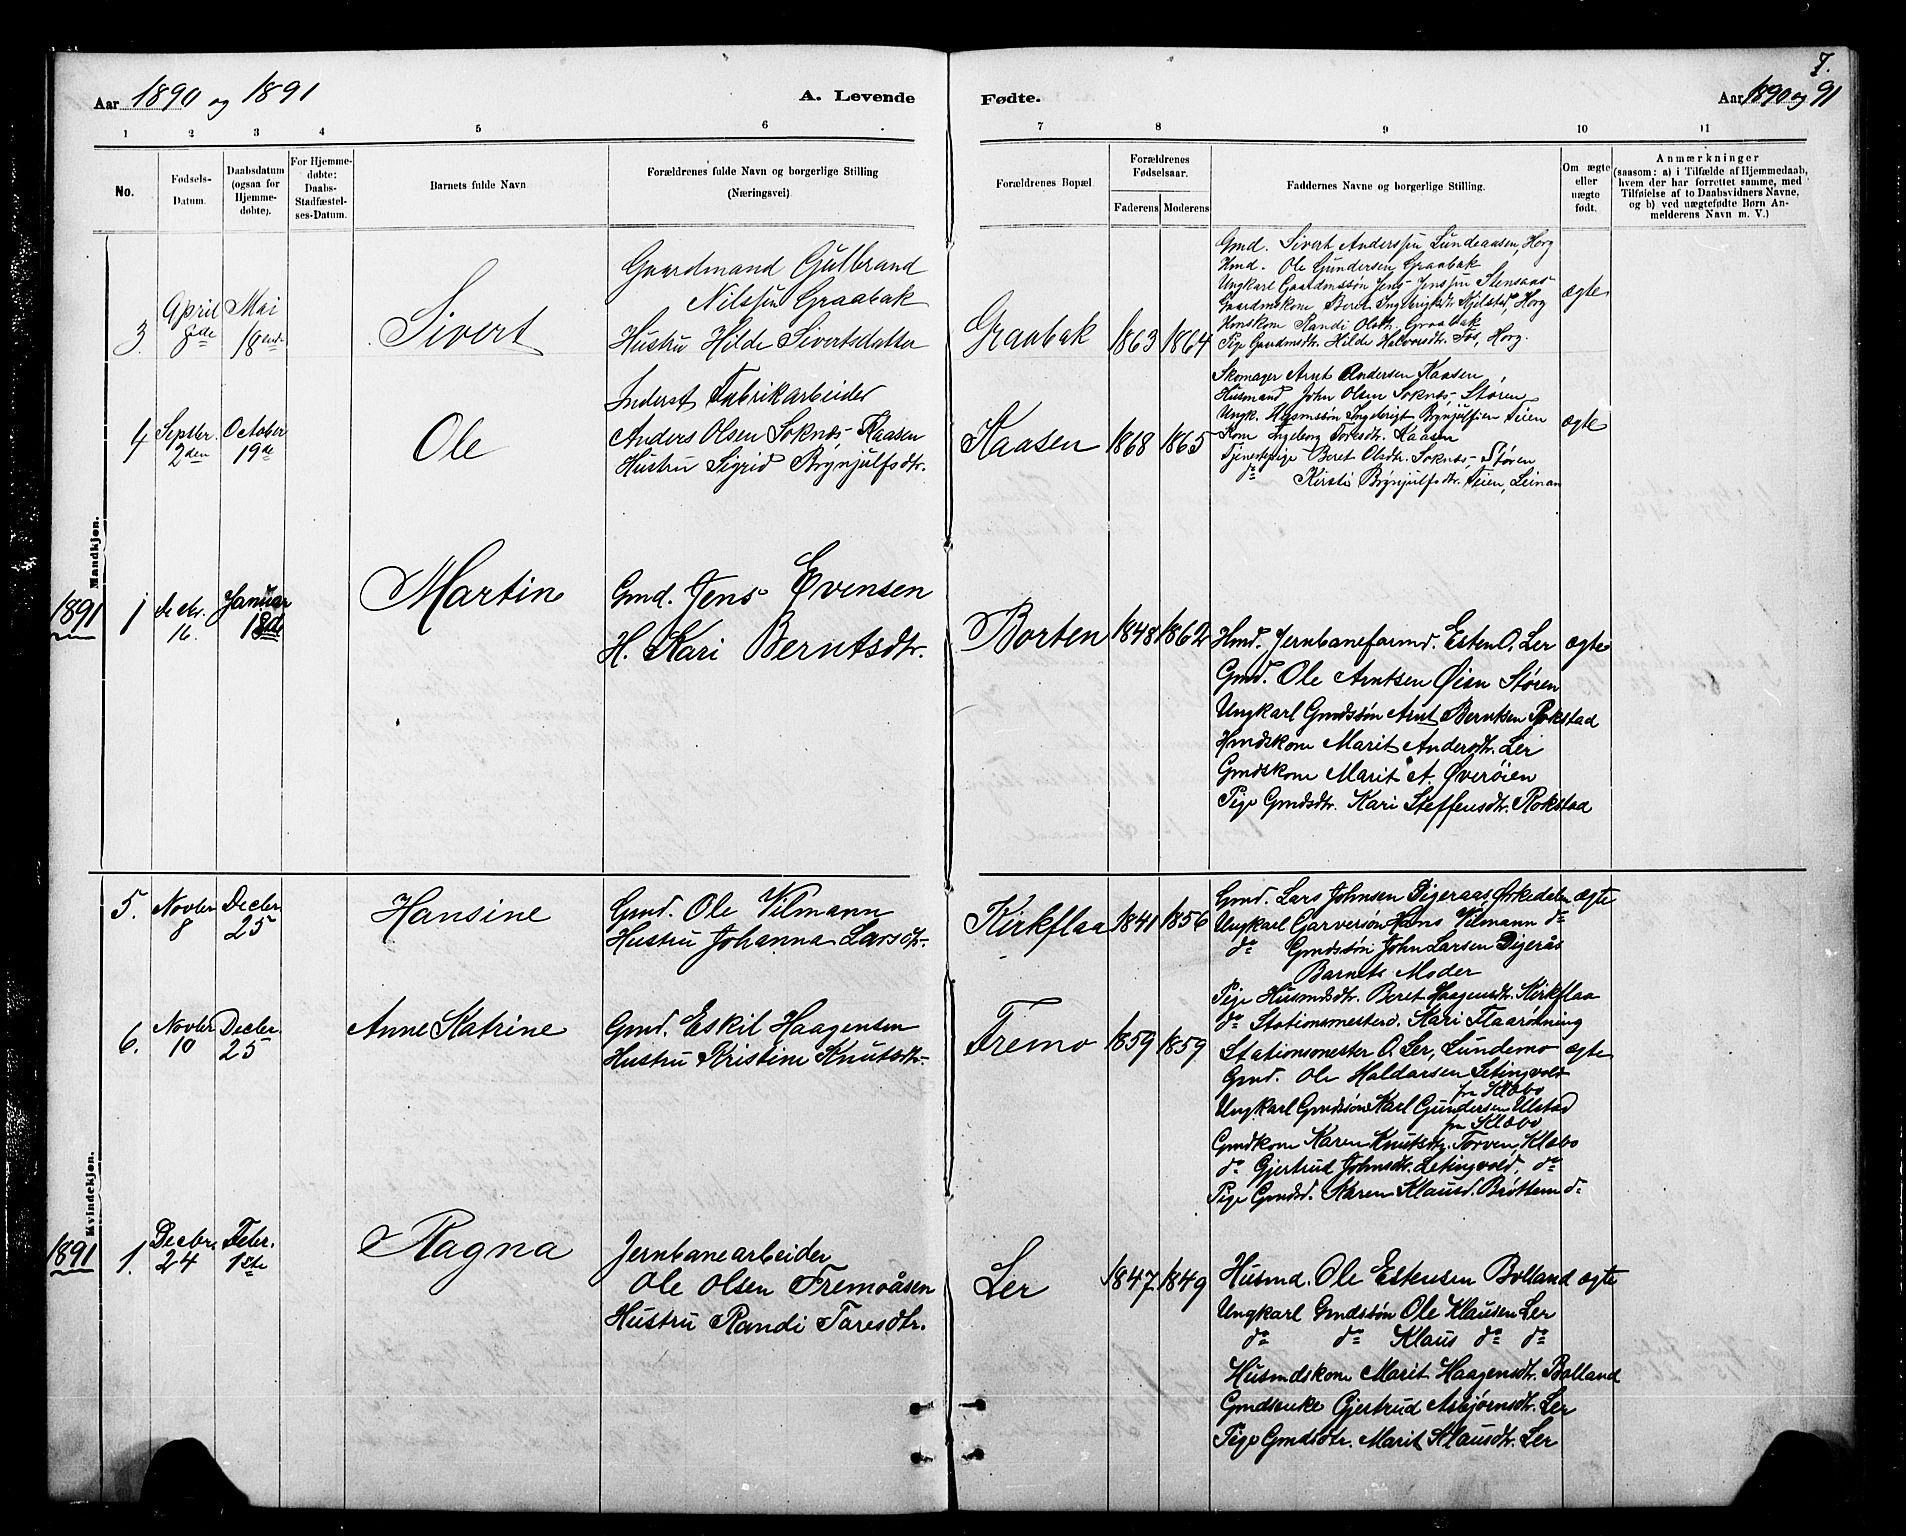 SAT, Ministerialprotokoller, klokkerbøker og fødselsregistre - Sør-Trøndelag, 693/L1123: Klokkerbok nr. 693C04, 1887-1910, s. 7